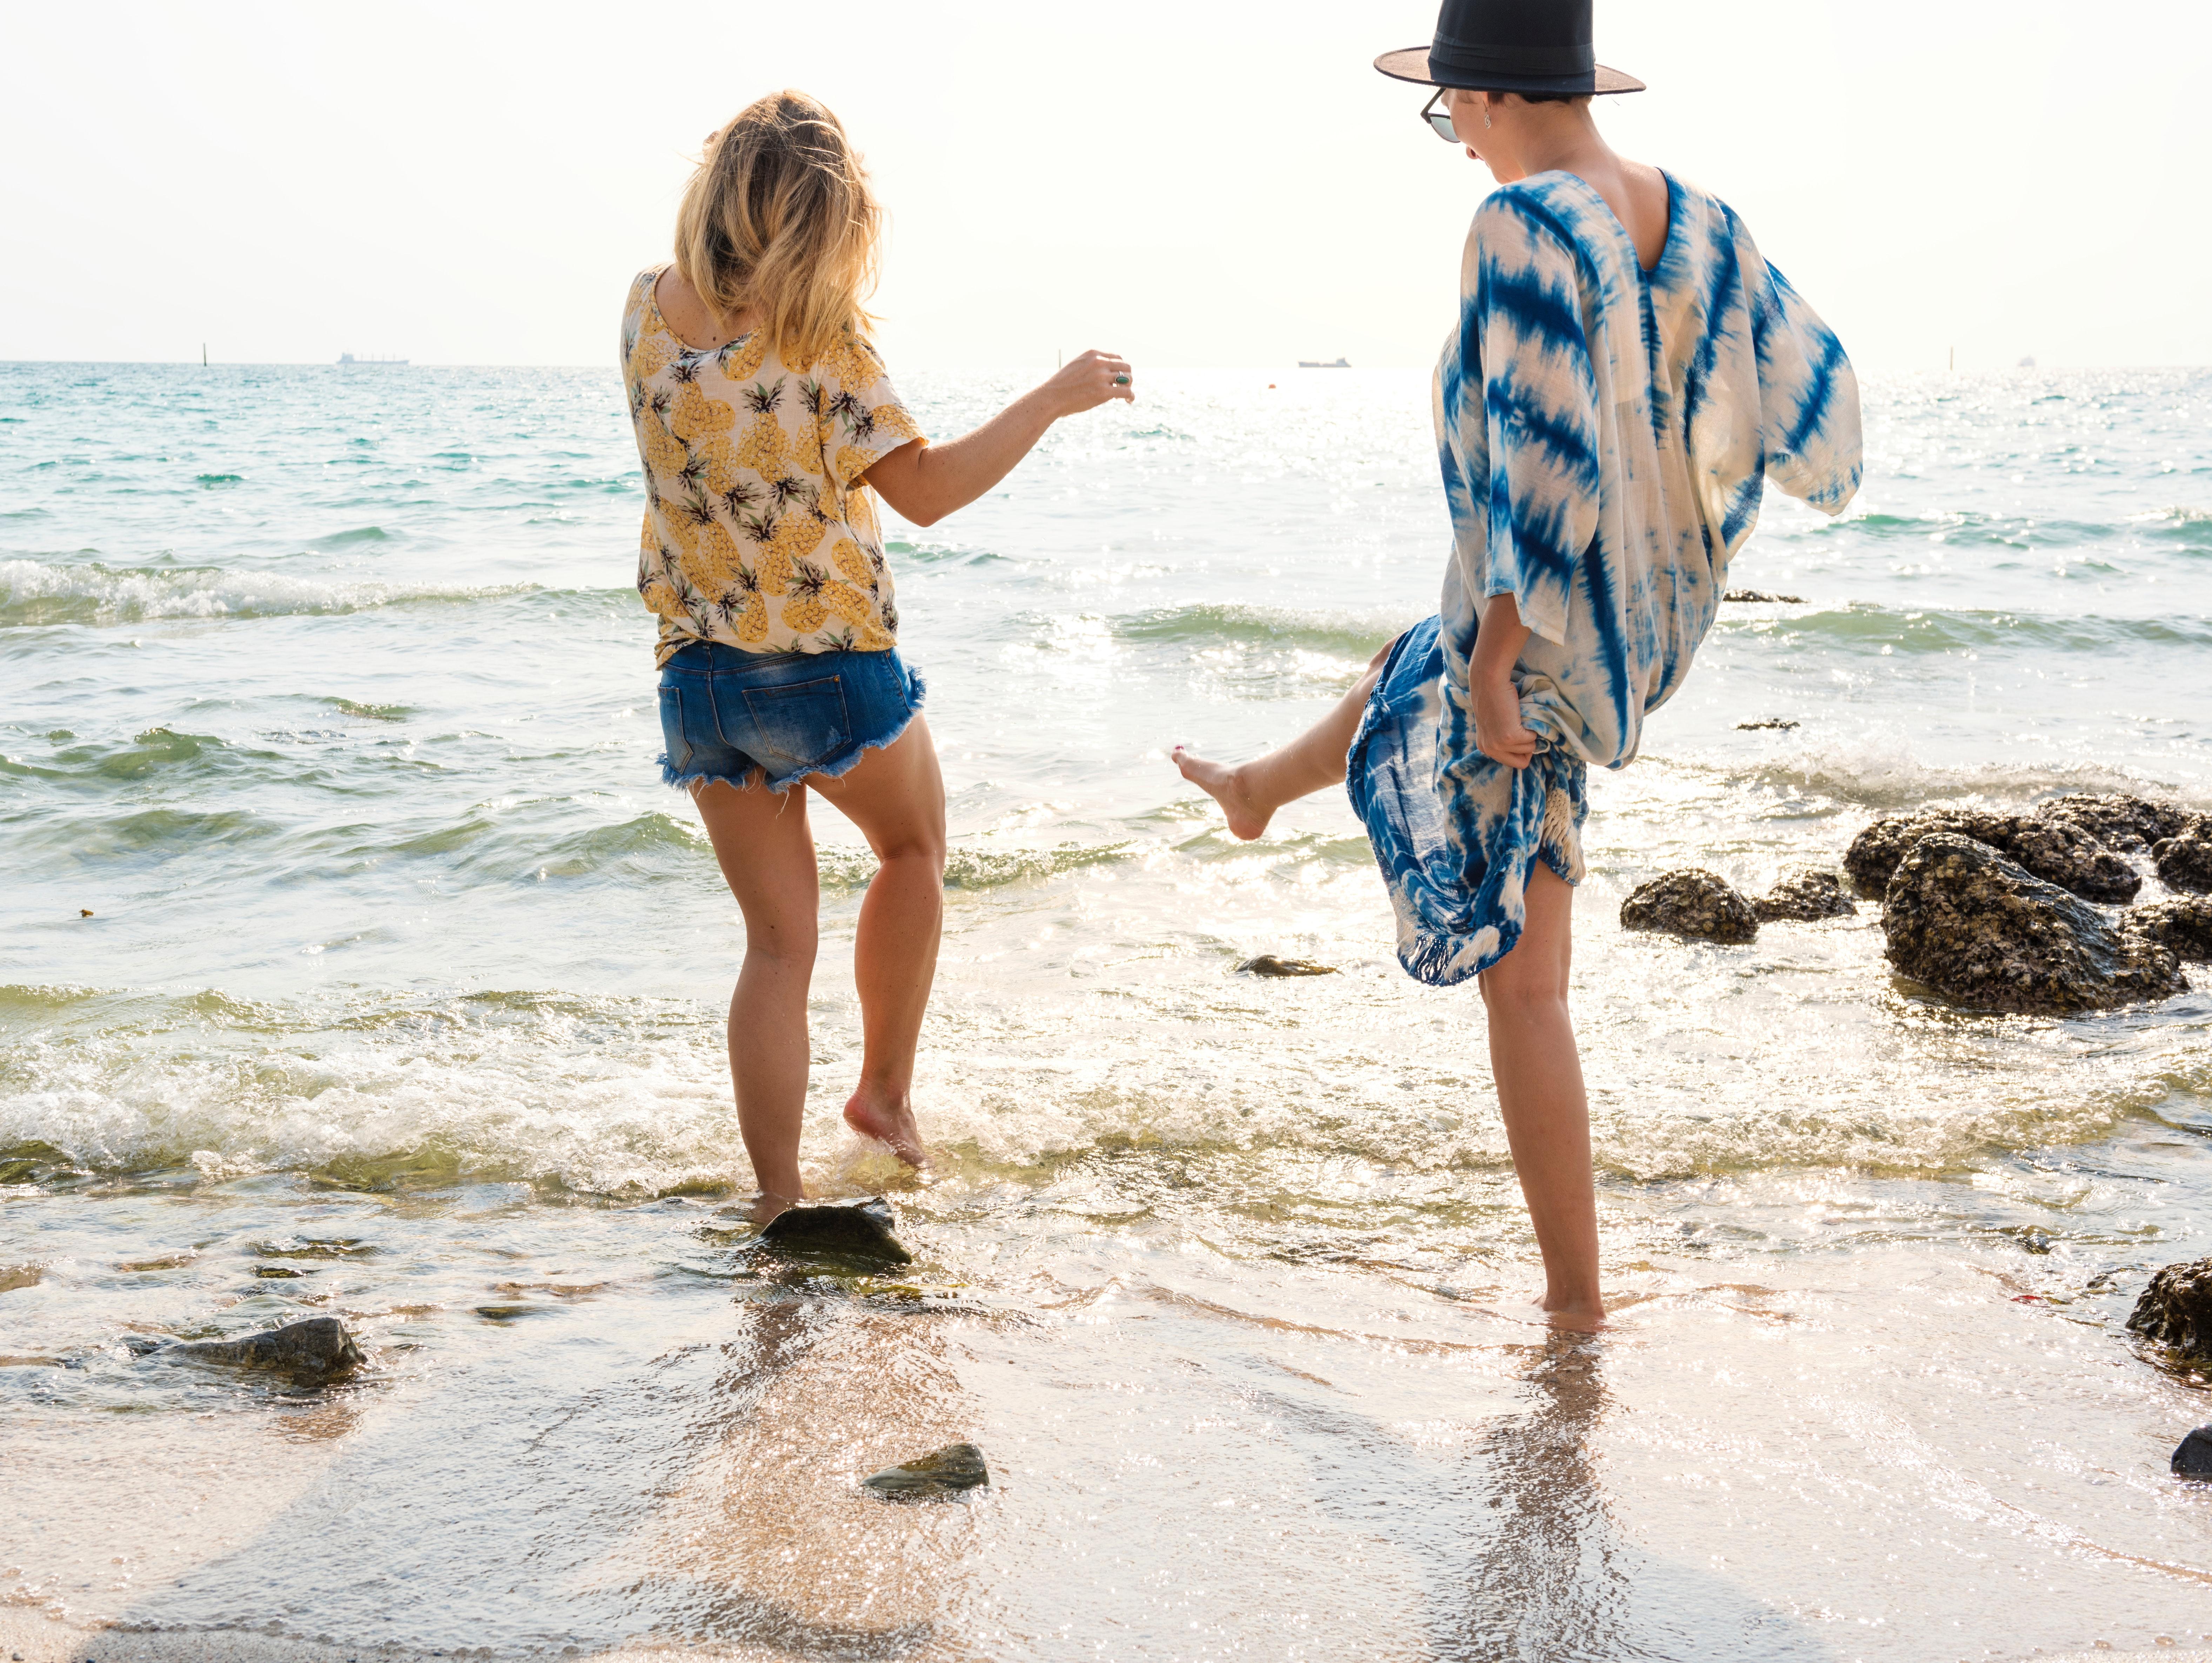 Women on seashore photo